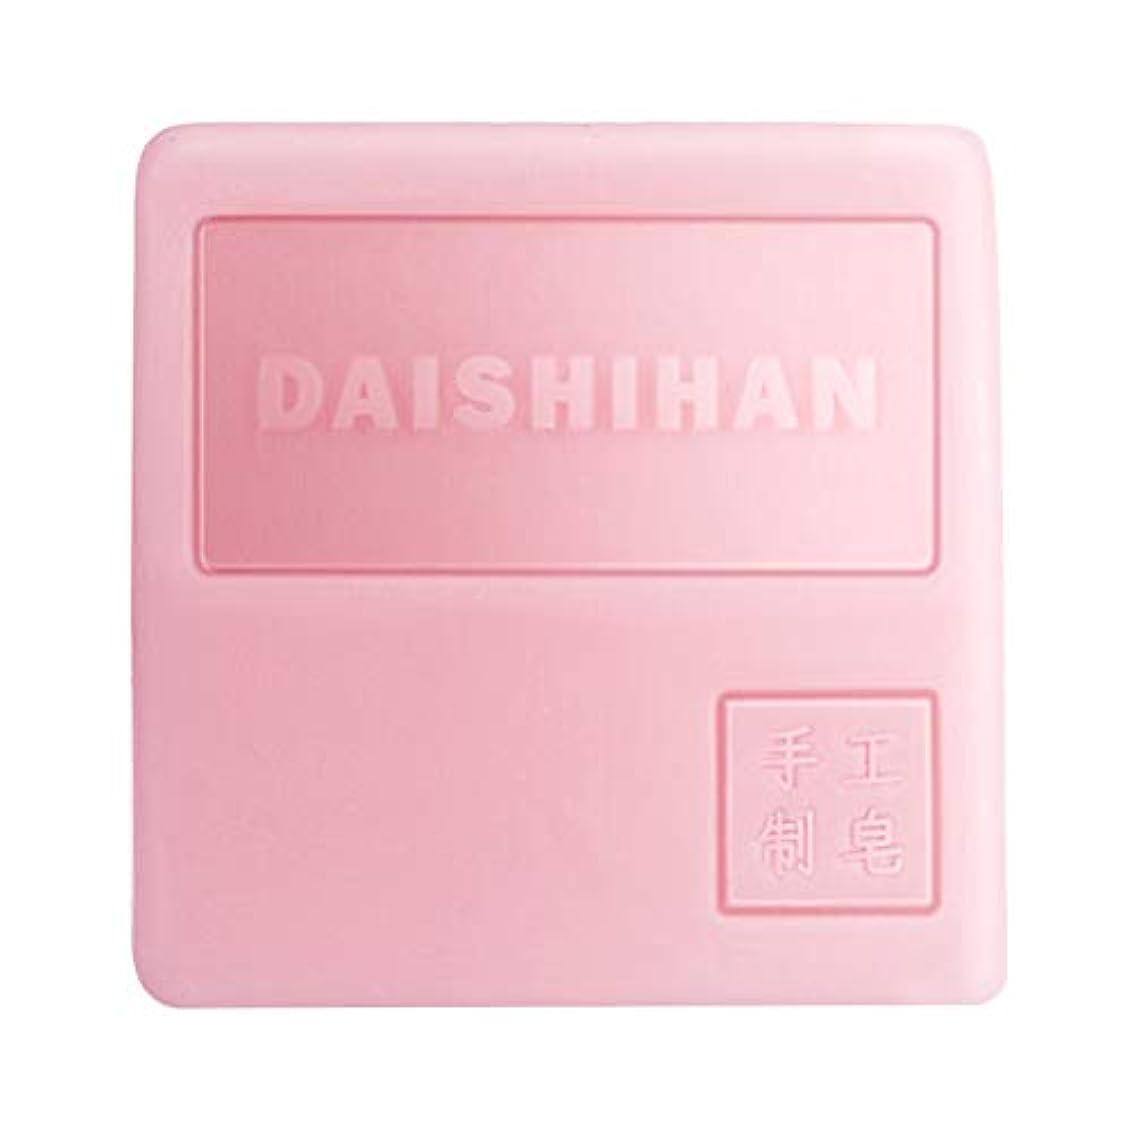 謝罪する隔離する時折TOPBATHY Skin Whitening Soap Body Natural Handmade Soap Bar Women Private Body Bath Shower